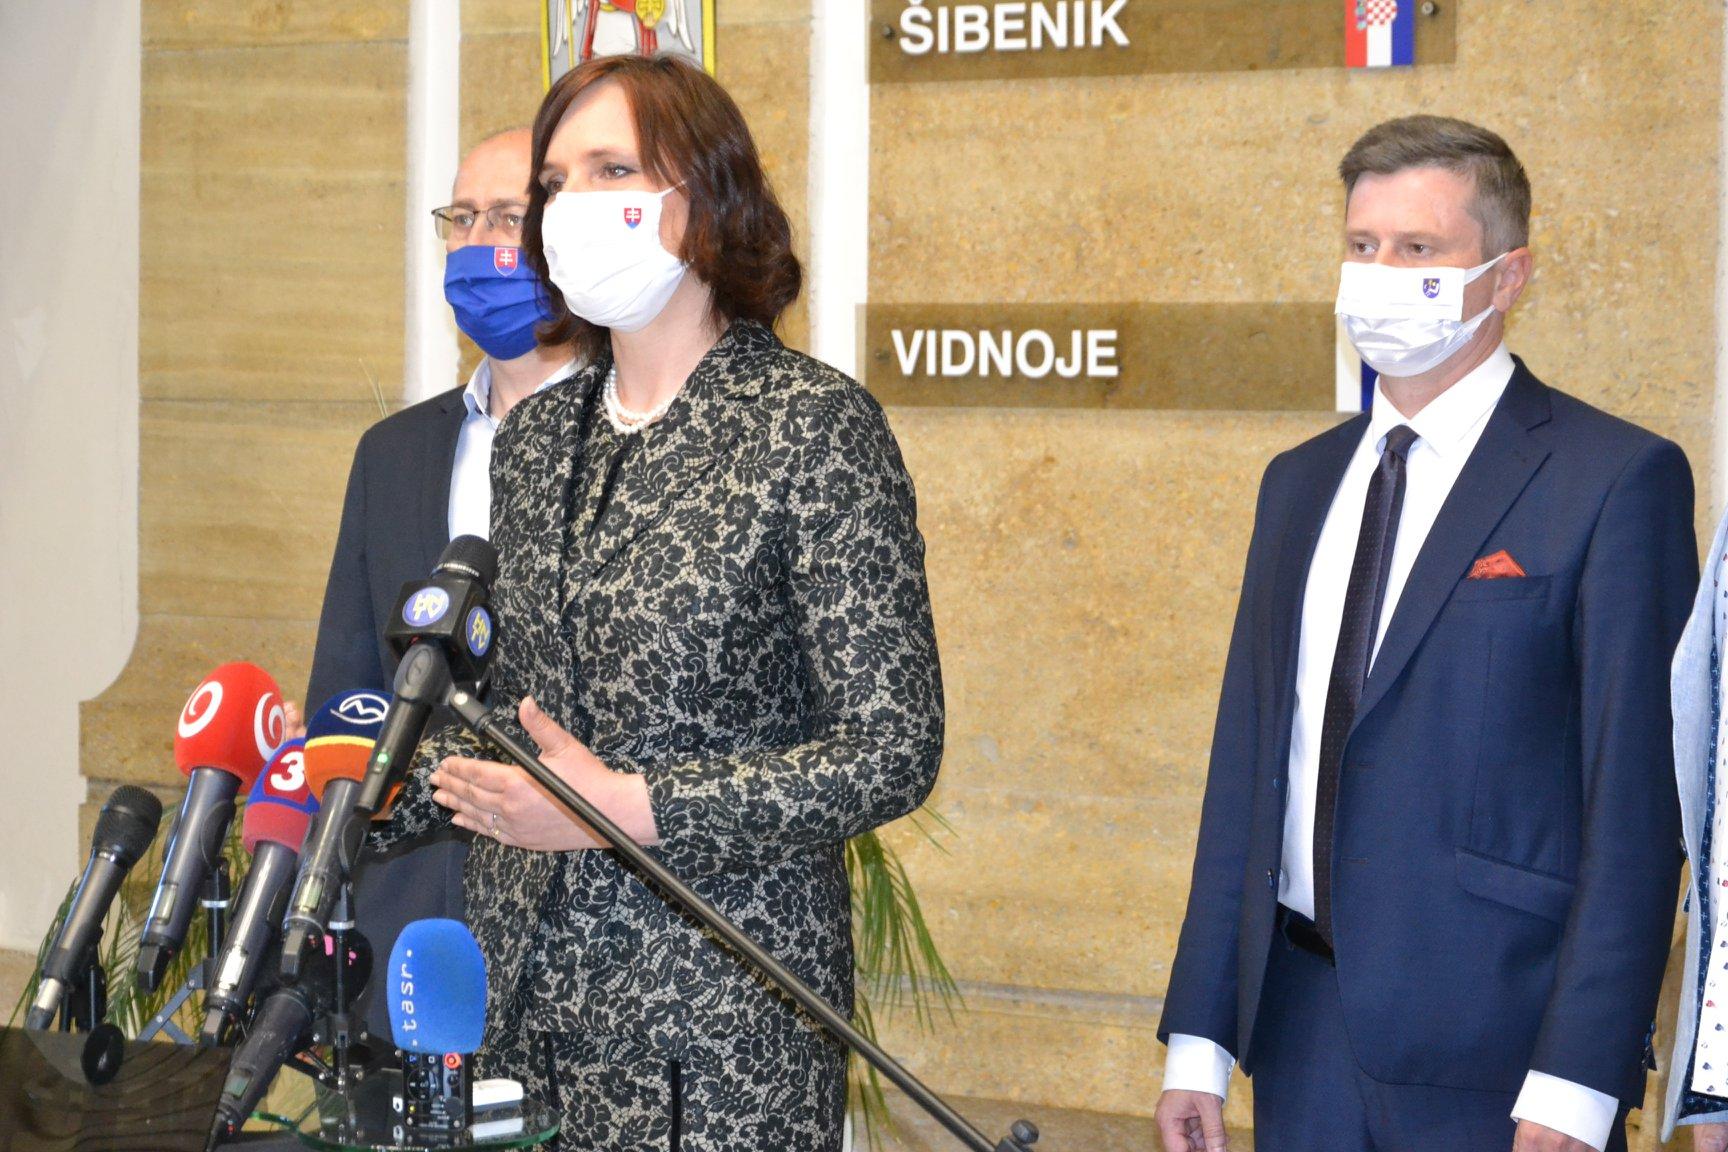 Vicepremiérka Veronika Remišová: Podarilo sa zachrániť 400 pracovných miest v Humennom. Osobitne v čase krízy je pre štát dôležité každé jedno pracovné miesto